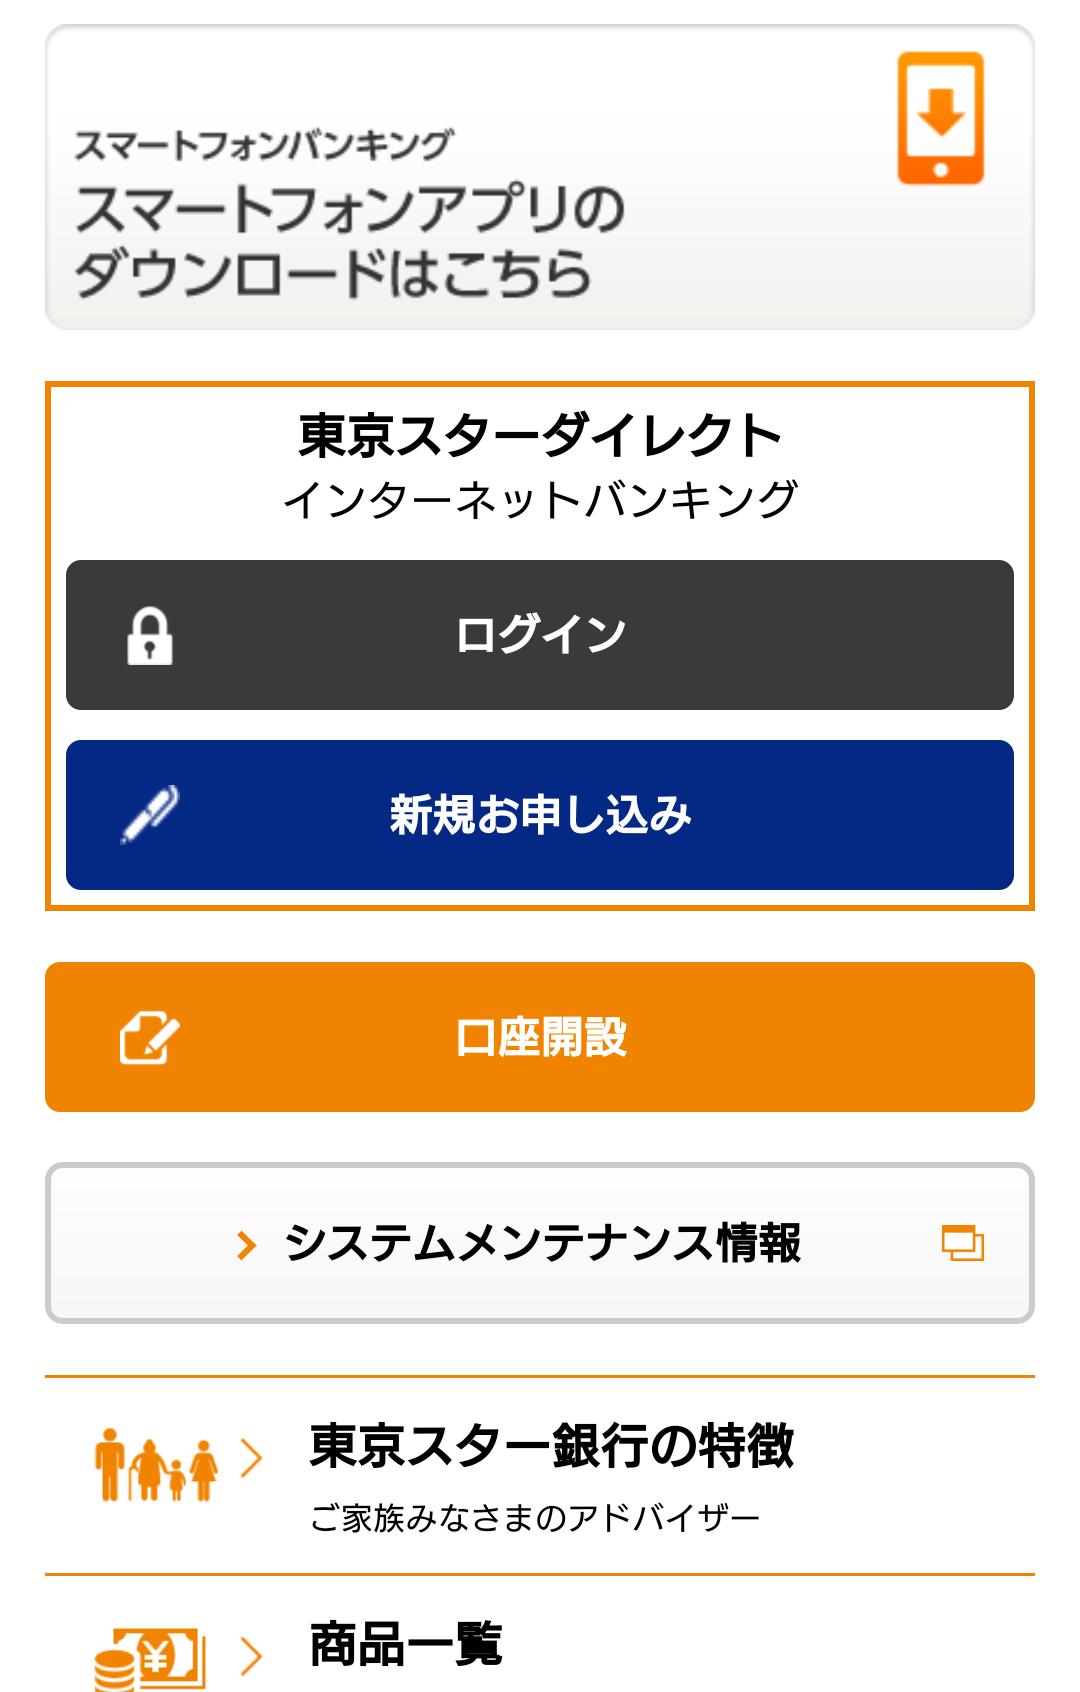 ログイン 銀行 東京 スター